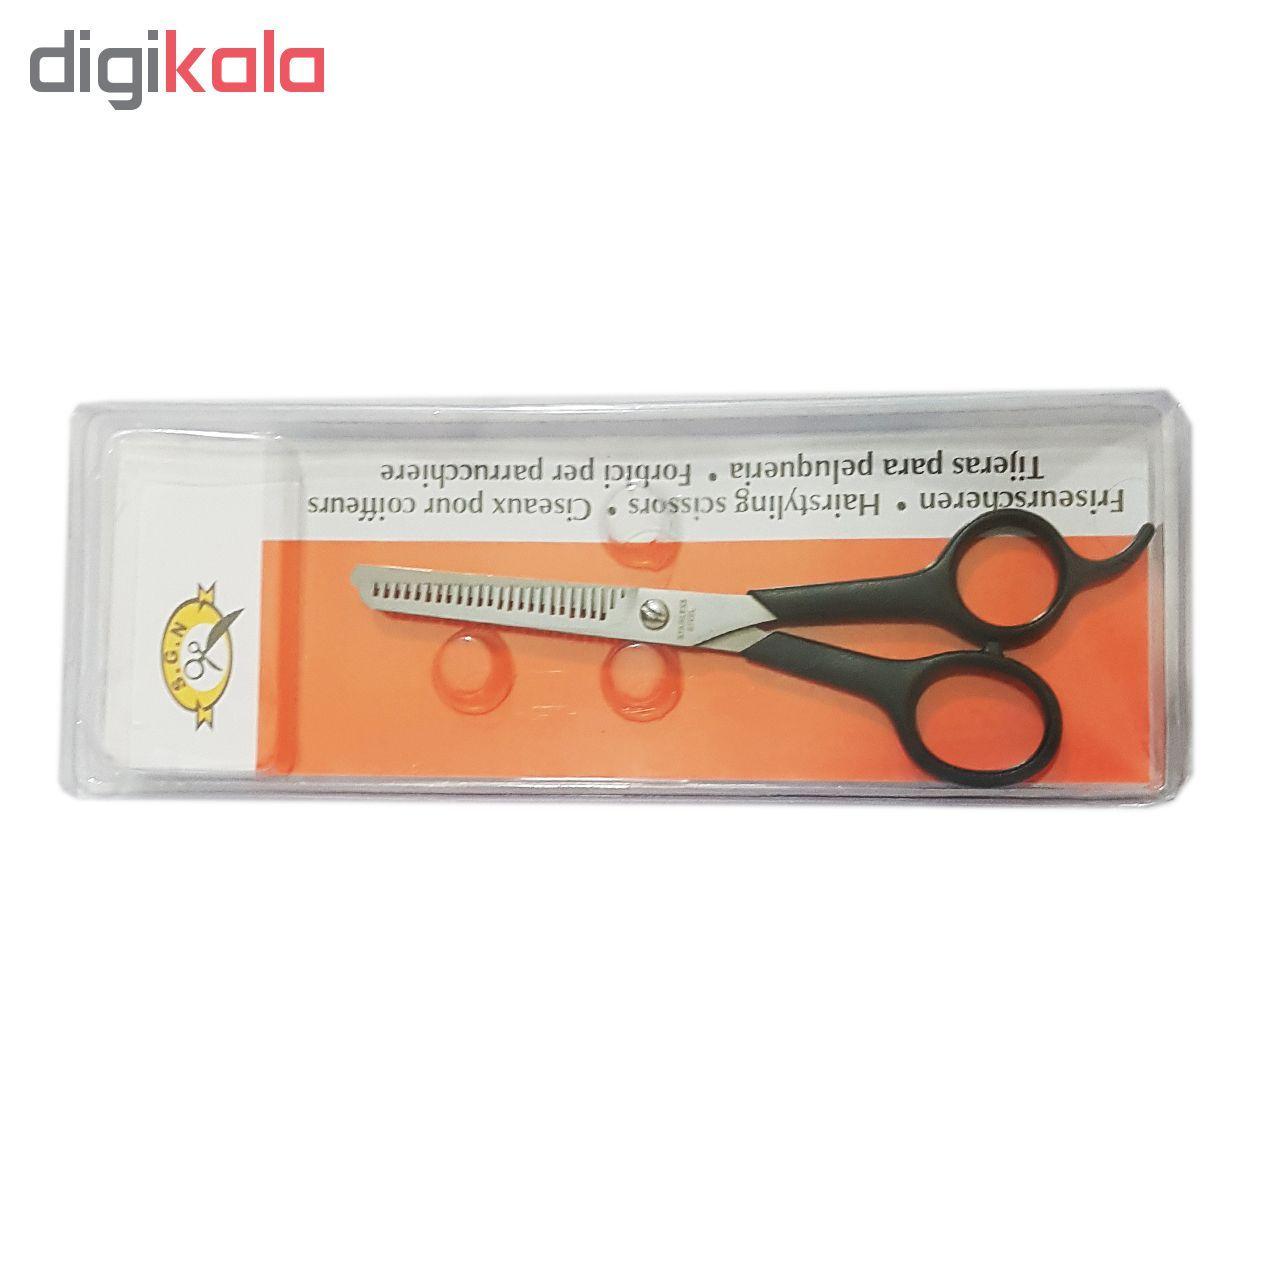 قیچی آرایشگری پیتاژ مدل S.G.N main 1 2